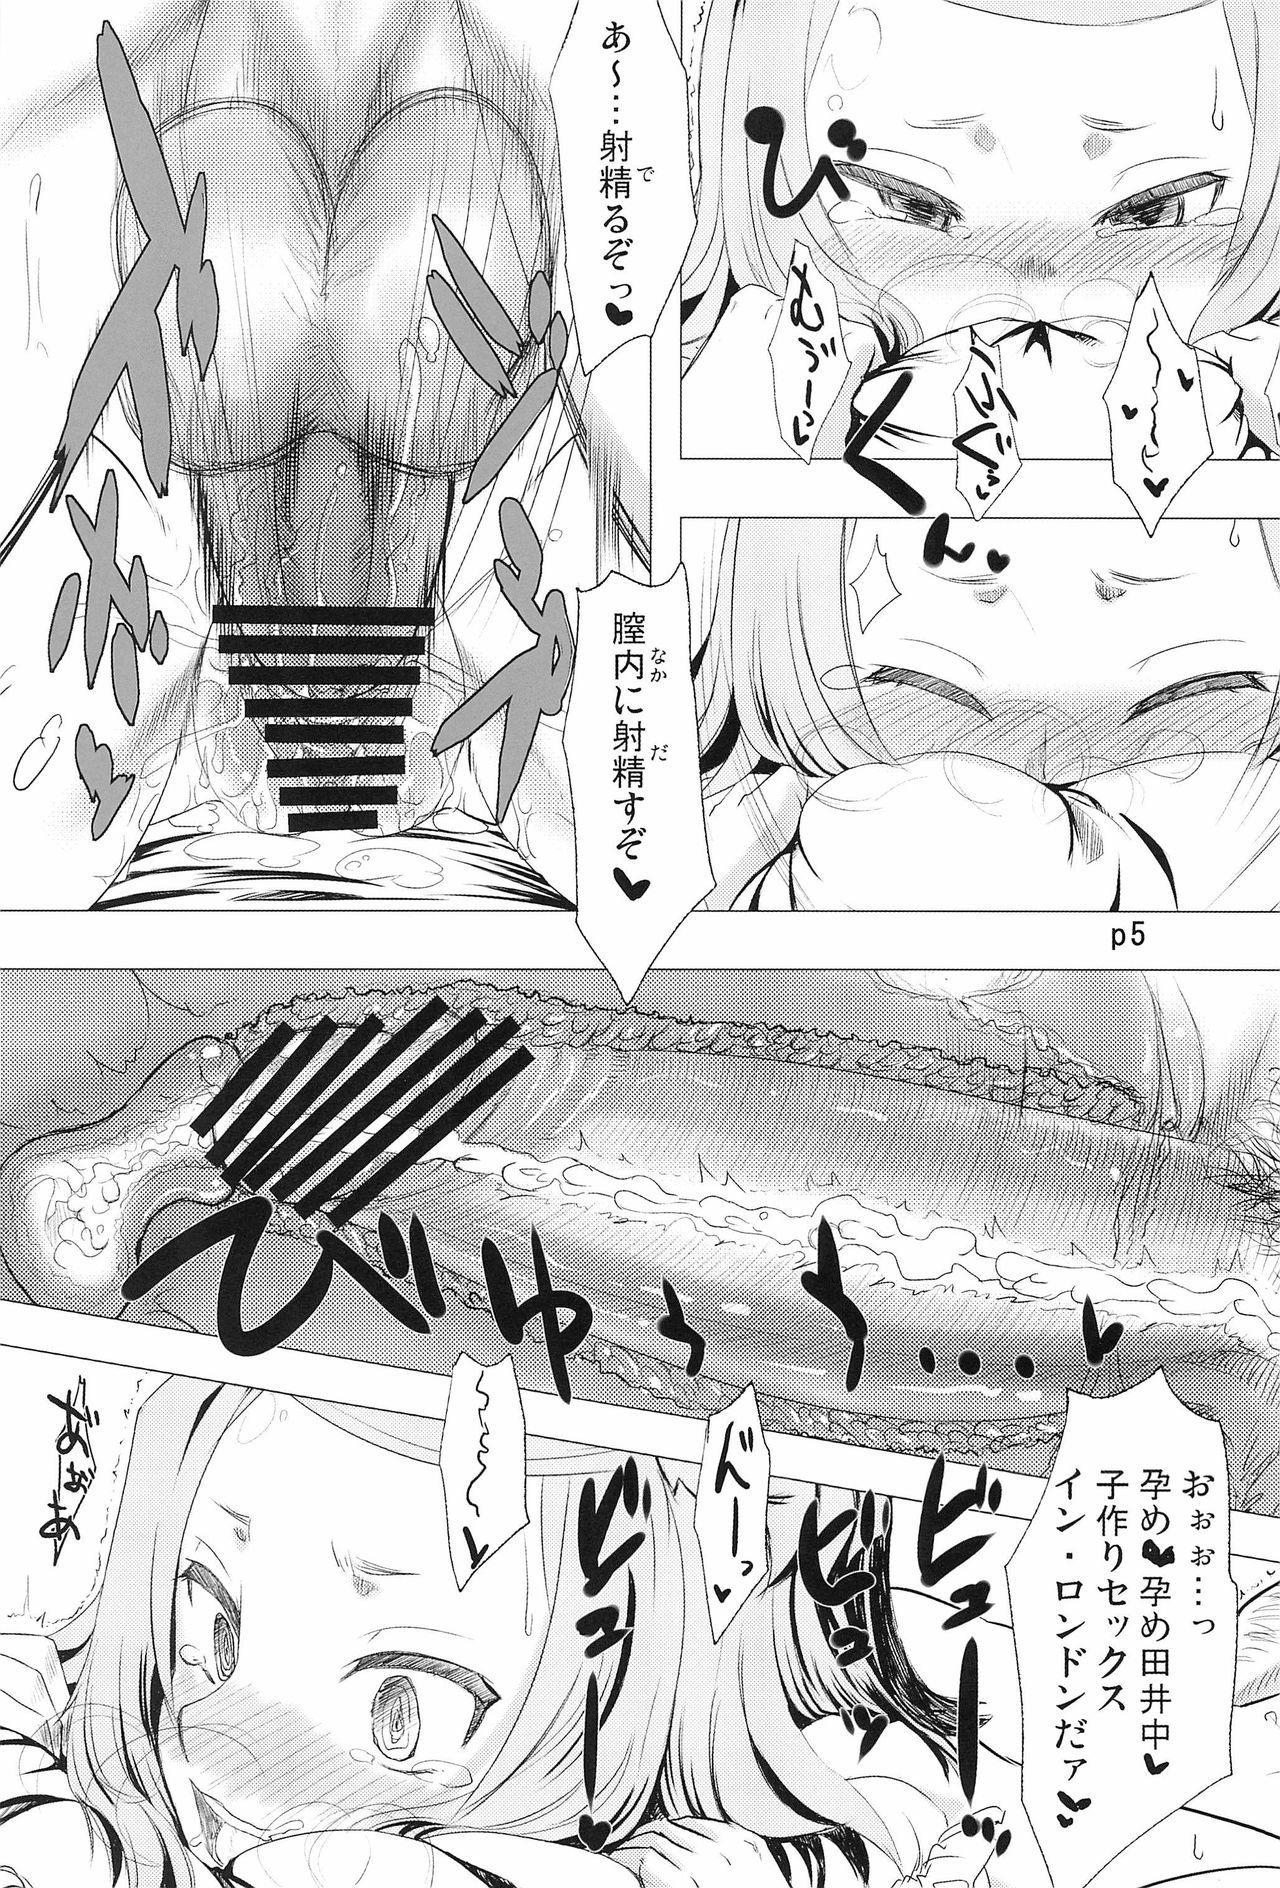 R.O.T 4 Ritsu-chan wa Ookata no Yosoudoori Chinpo ni wa Katenakatta yo... 4